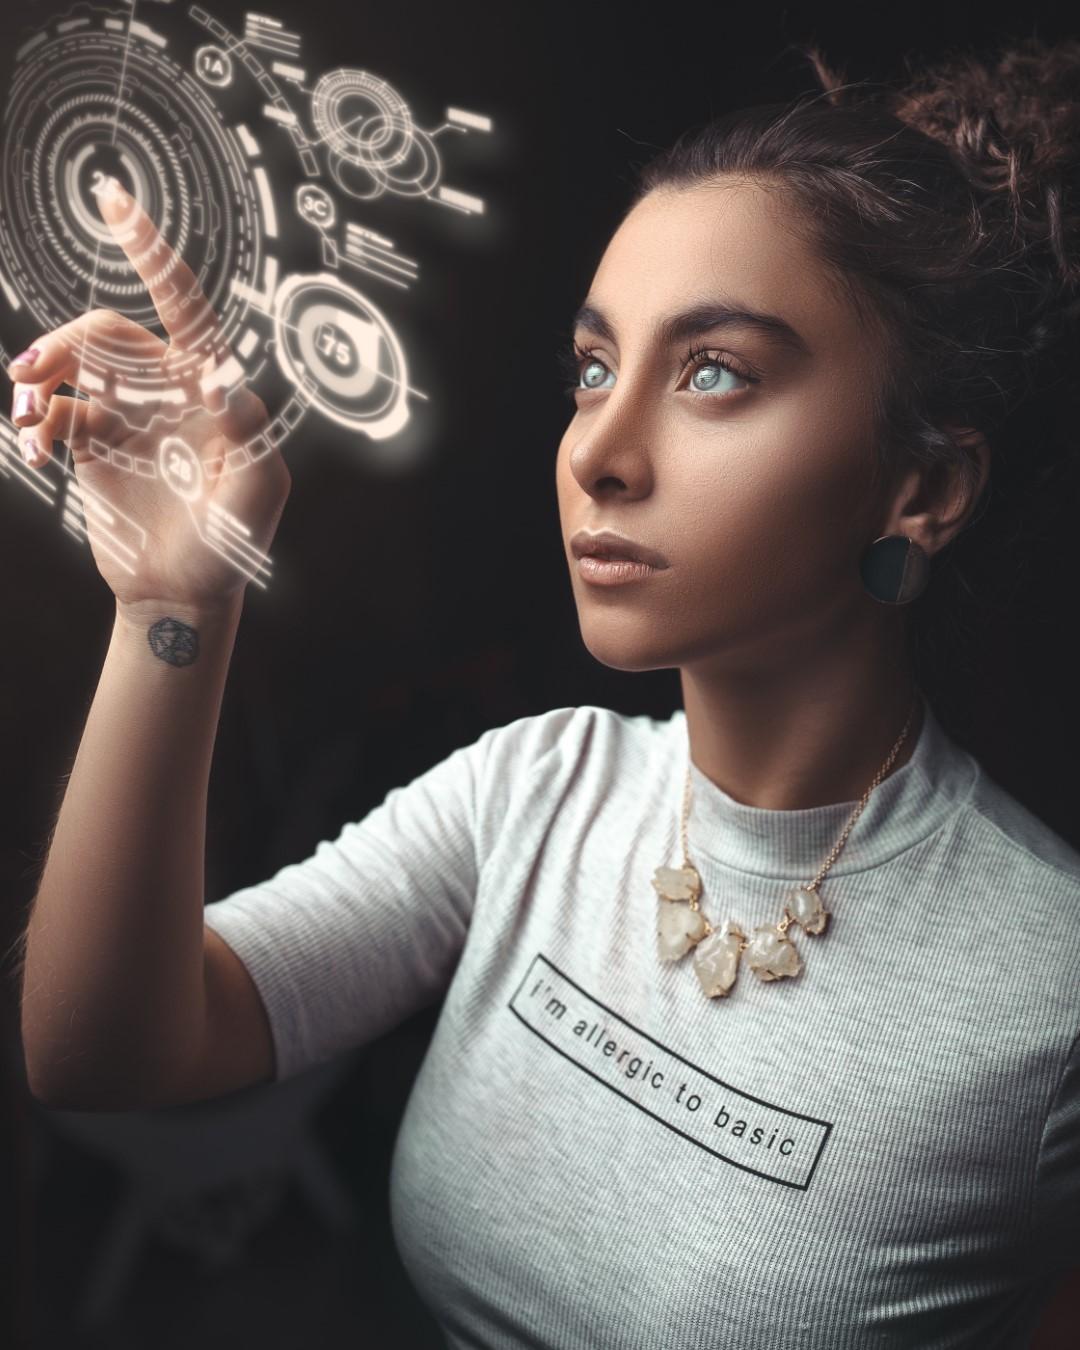 Frau benutzt ein User Interface in der Luft